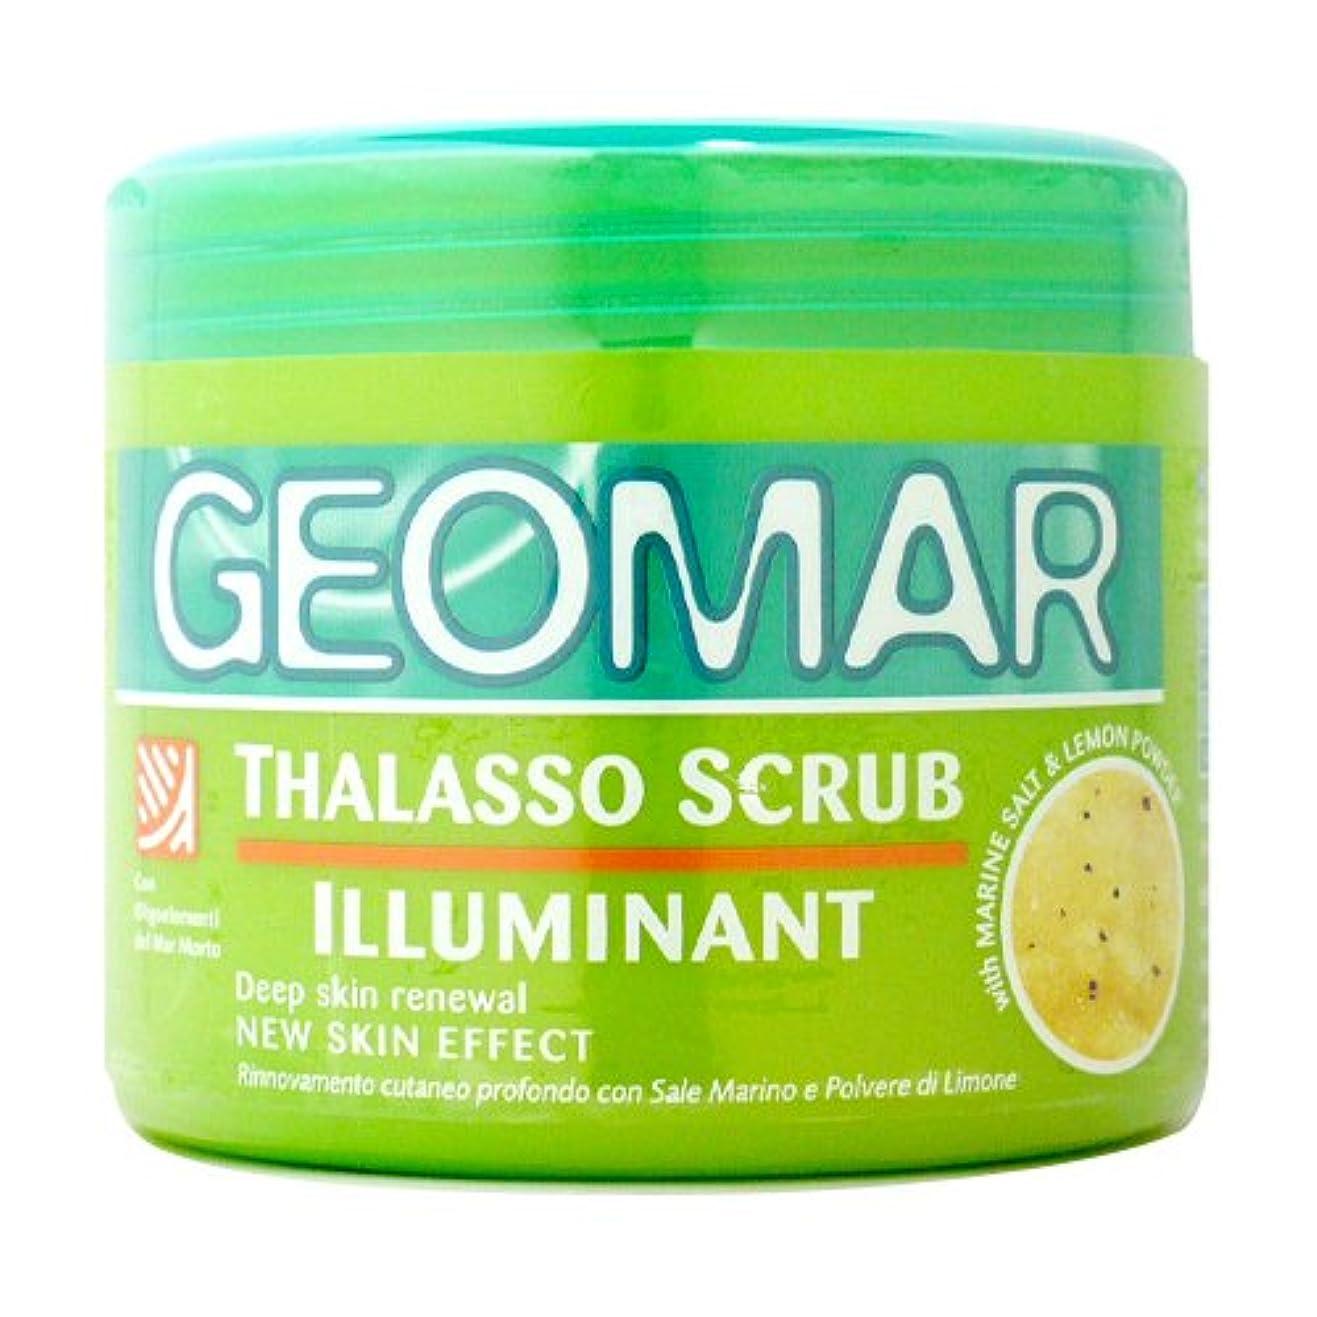 すずめふりをする氷ジェオマール タラソスクラブ イルミナント (ブライトレモン) 600g